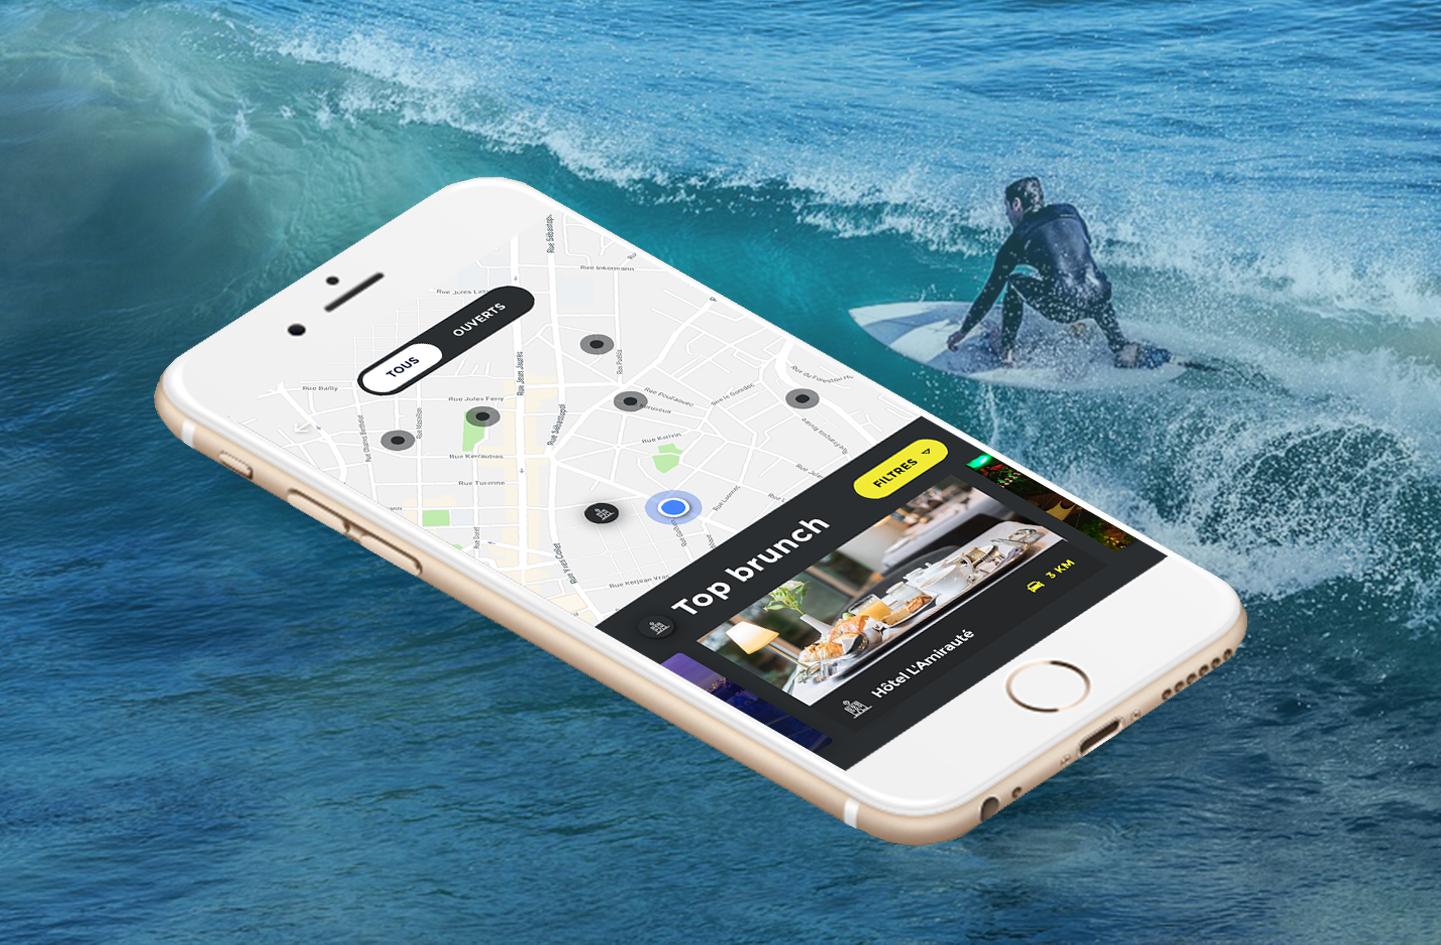 likeweb agency paris intégration création développement application mobile studio brest